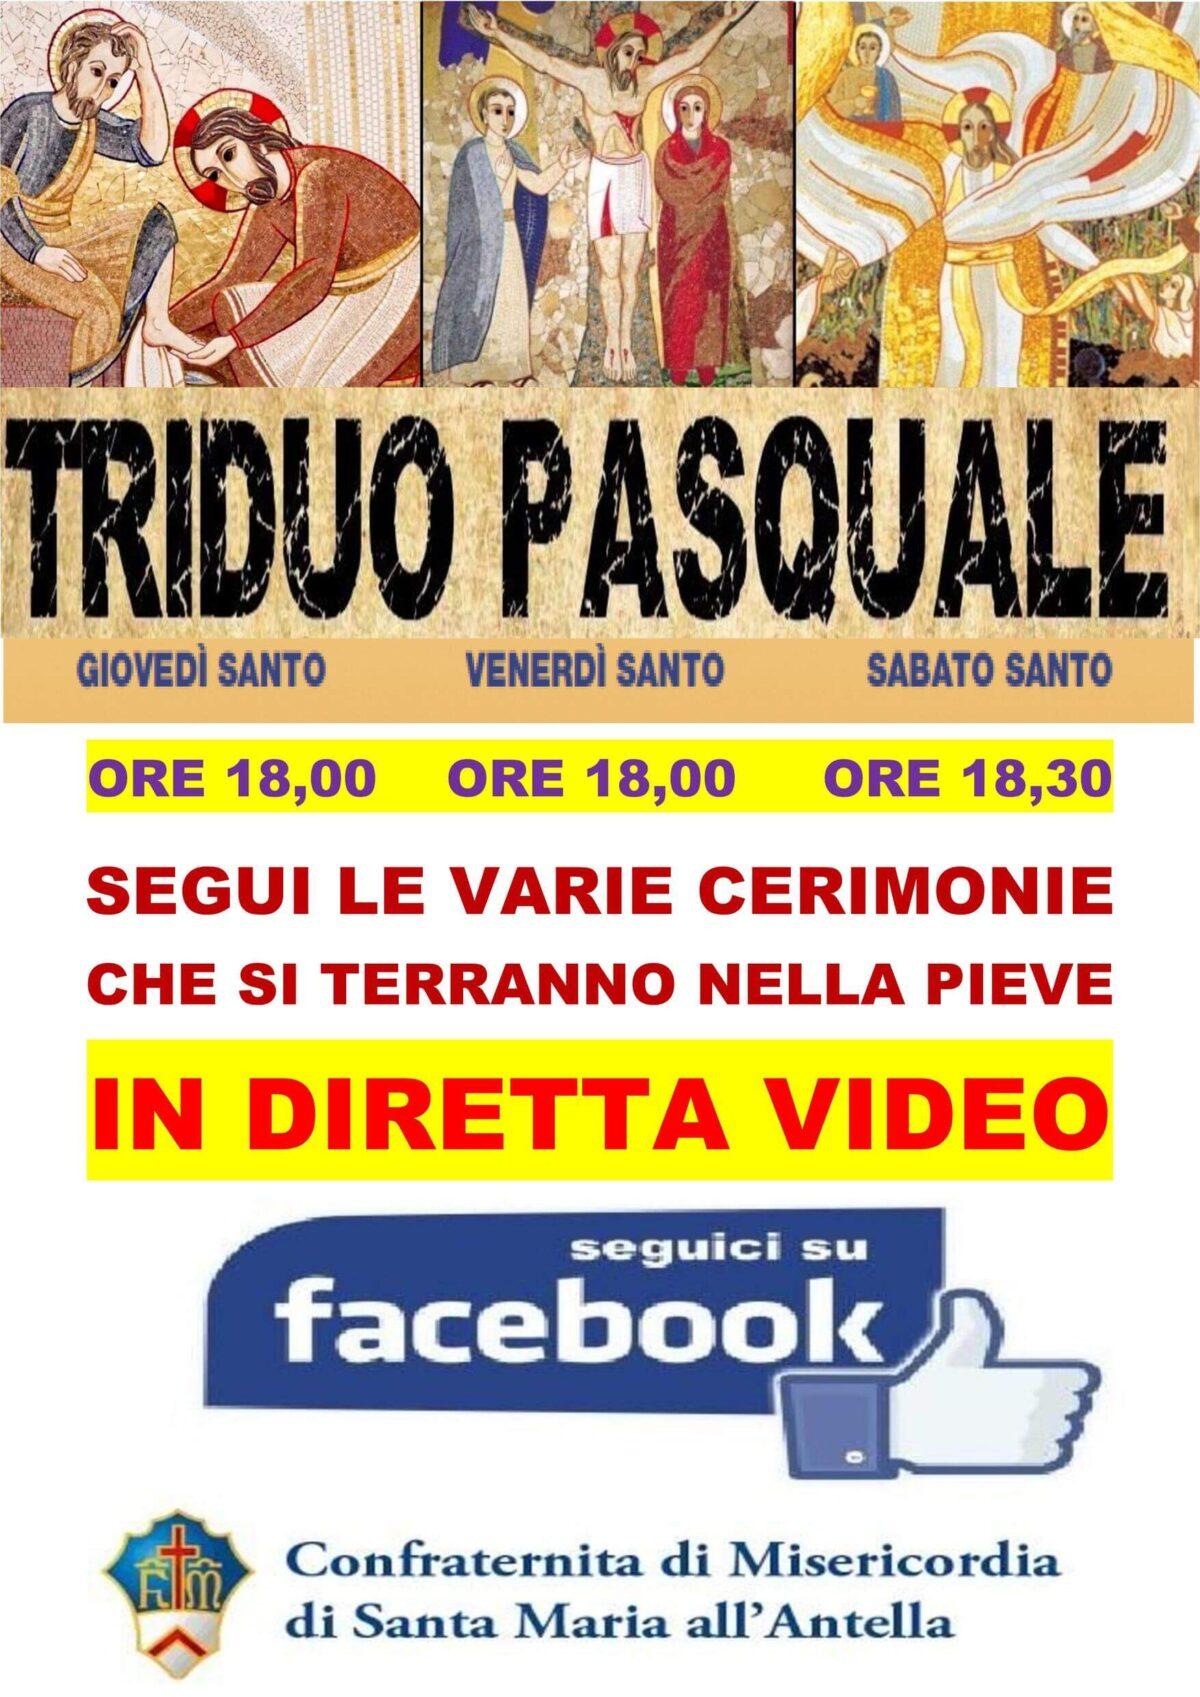 Locandina-Triduo-Pasquale-page-001-1200x1697.jpg